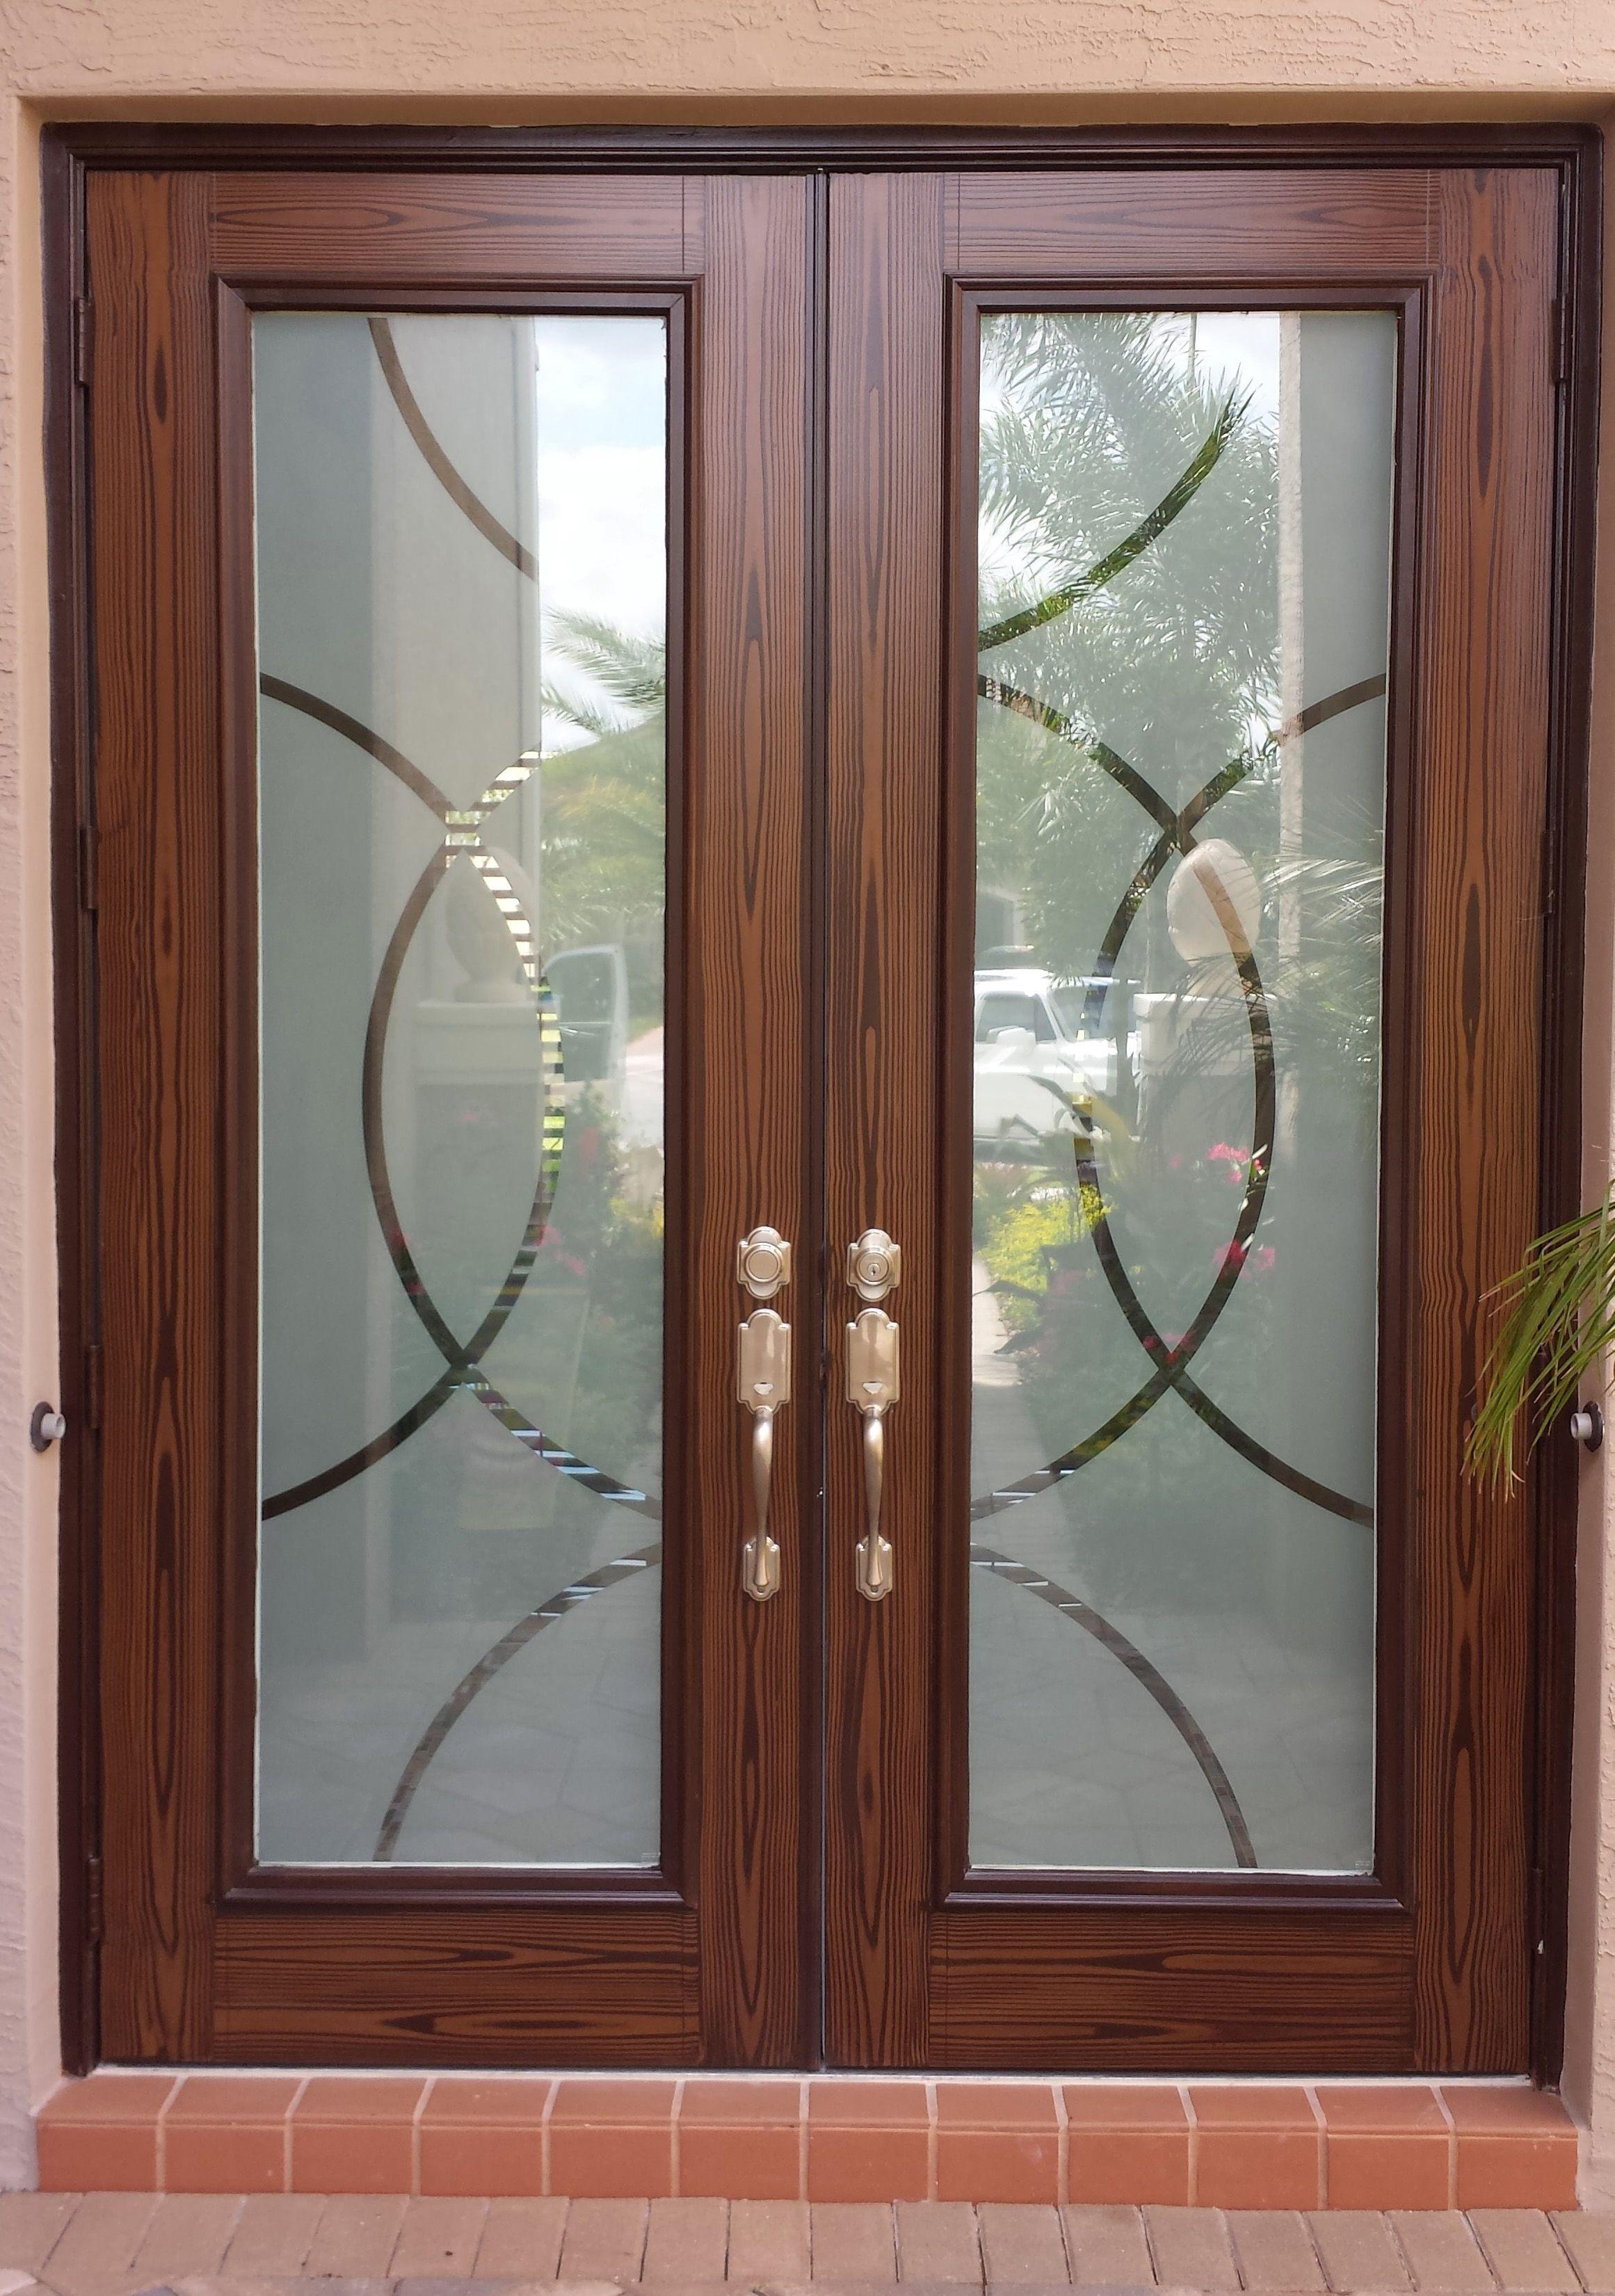 Loops Jpg 2322 3301 Door Glass Design Window Glass Design Glass Design